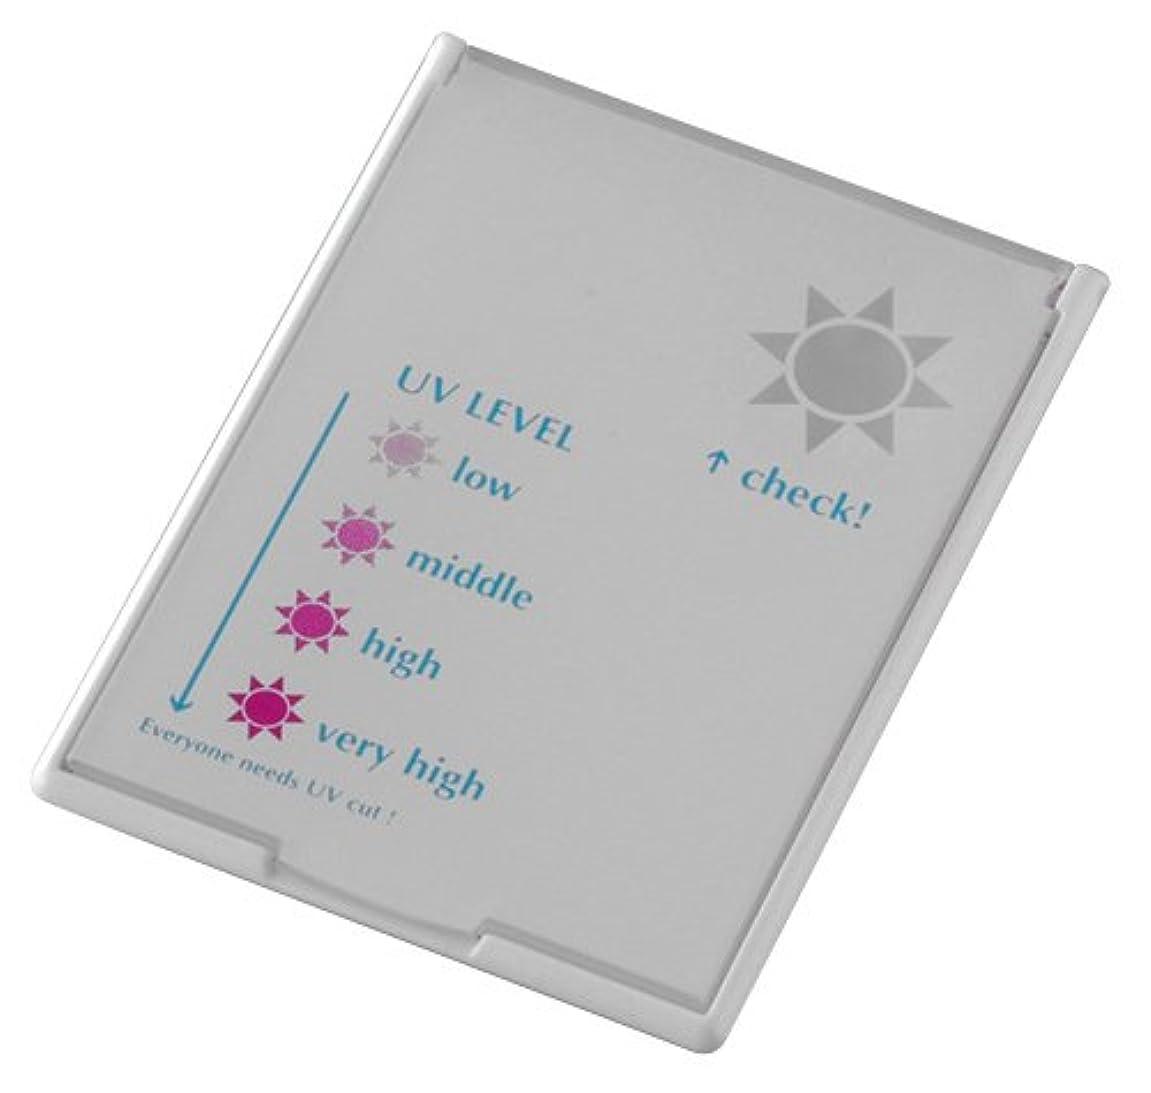 カートン優勢粒子UVレベルチェッカーミラー コンパクトタイプ